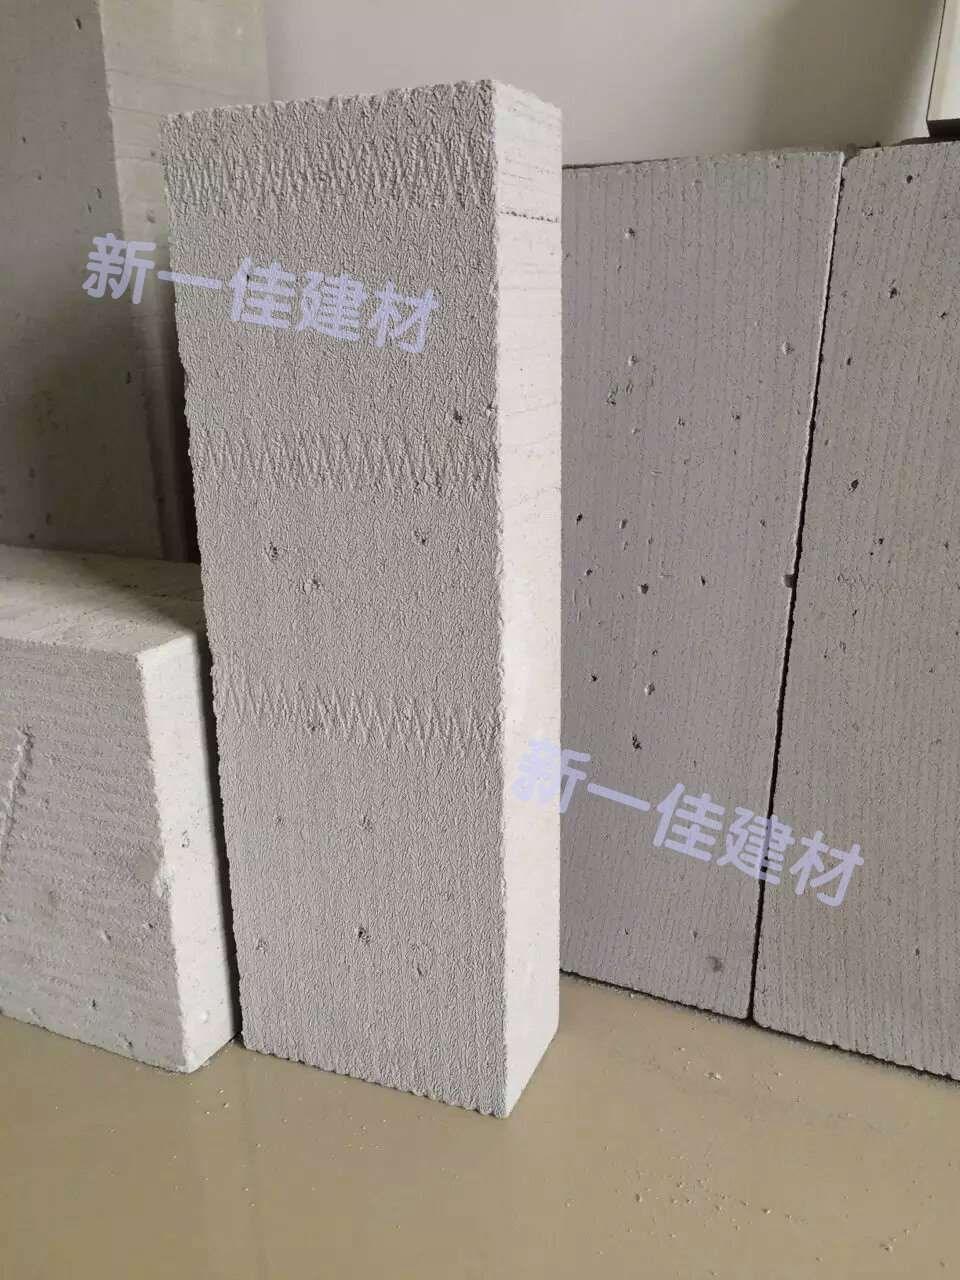 日本购新型建材材料 砌筑基础 加气块 轻质砖砌块 隔墙立方砖 500